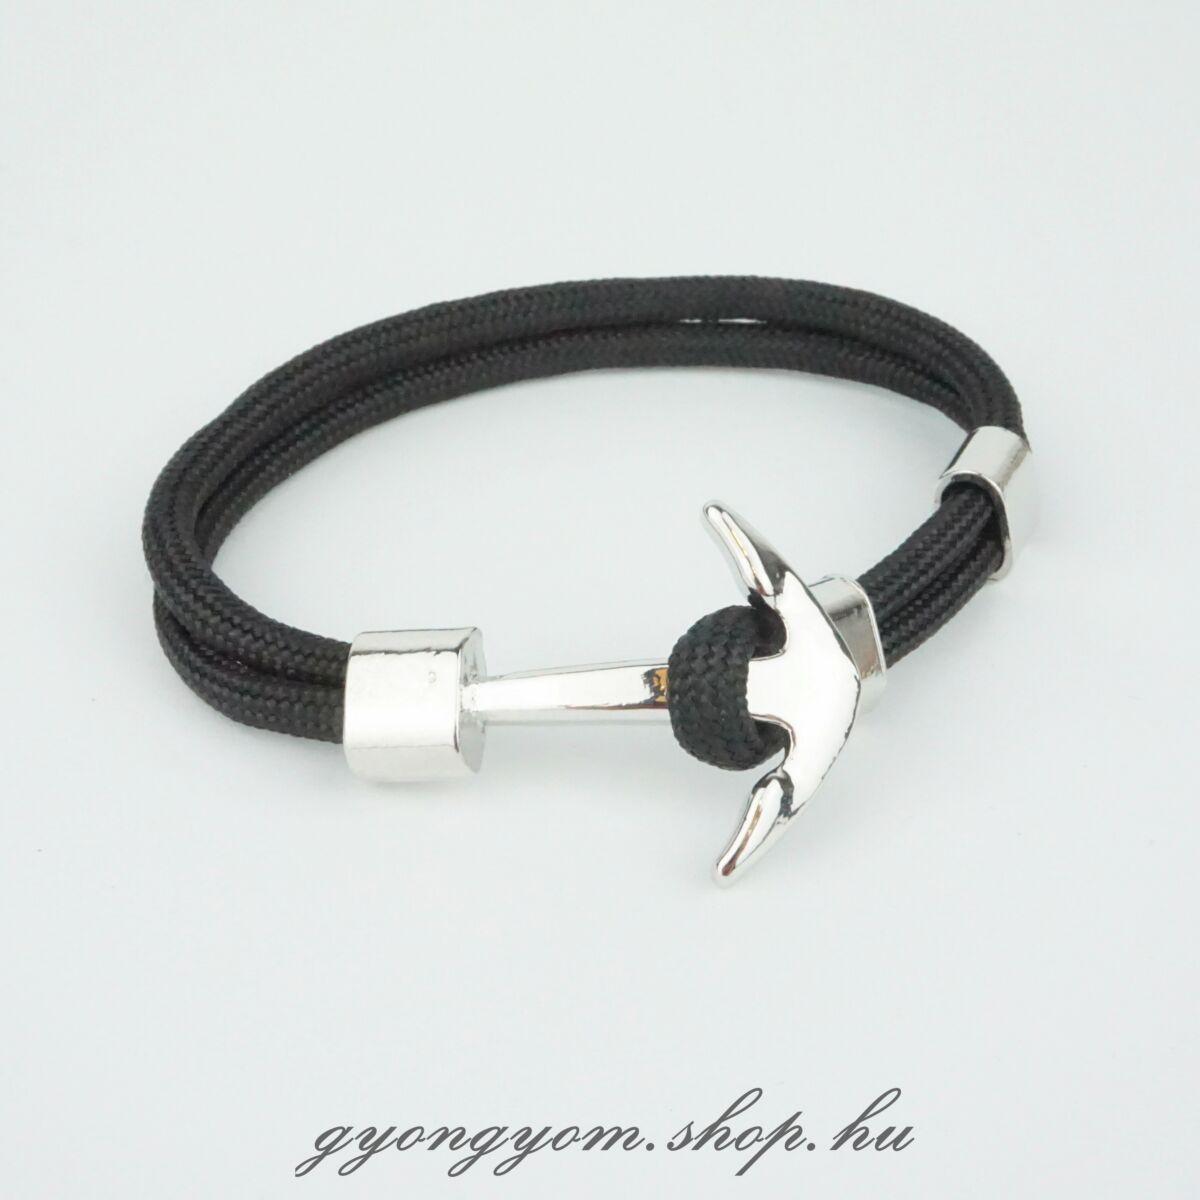 Fekete horgony karkötő